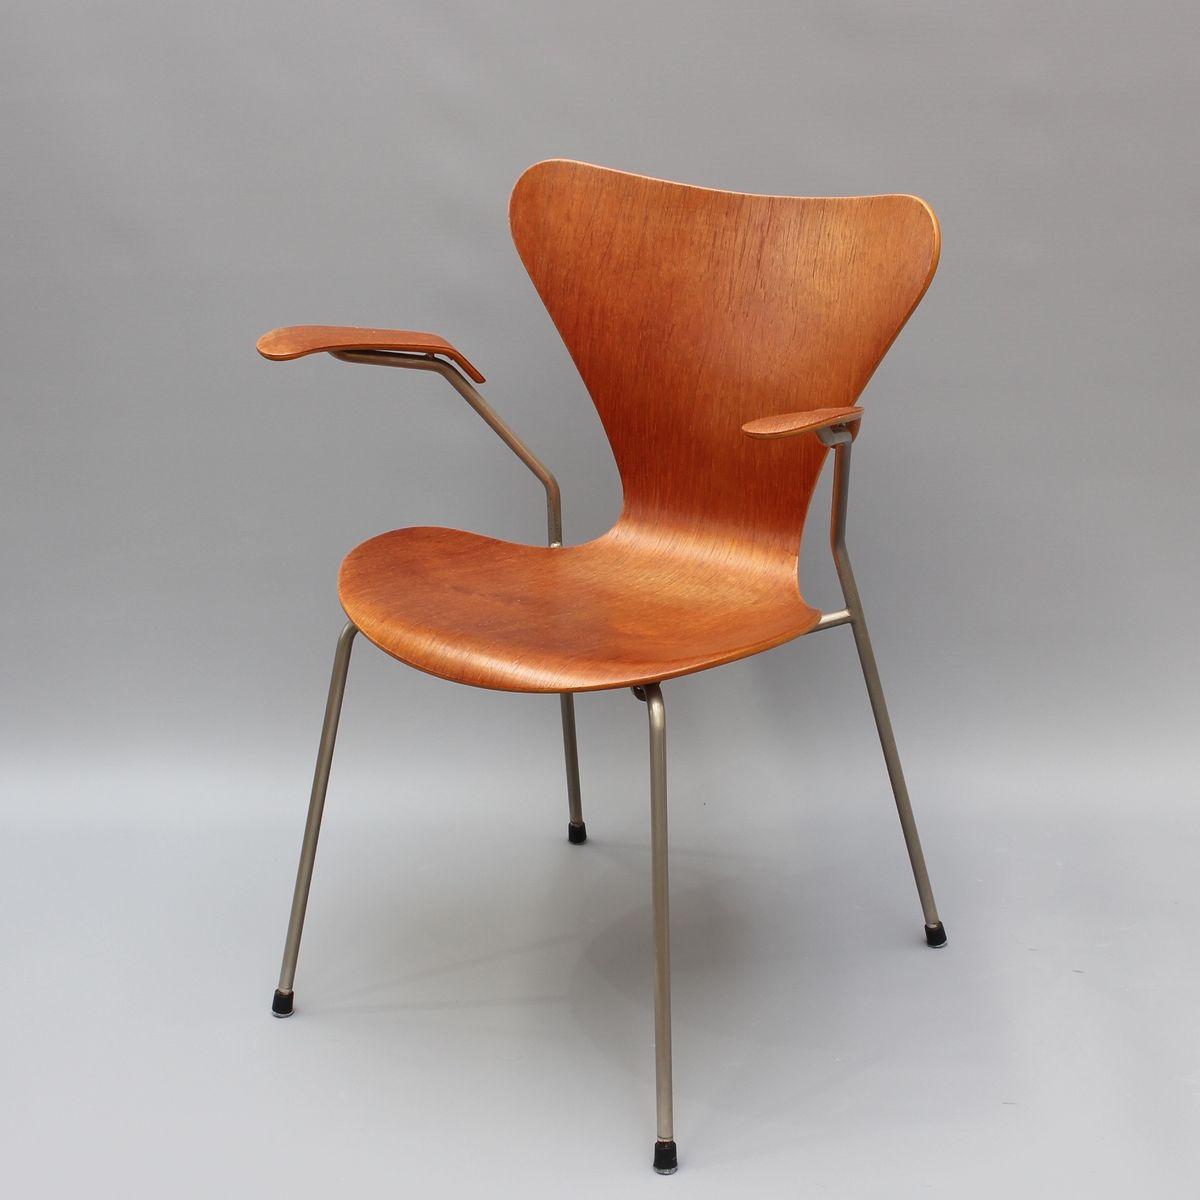 Series 7 stuhl aus palisander von arne jacobsen f r fritz hansen 1960er bei pamono kaufen - Arne jacobsen stuhl serie 7 ...